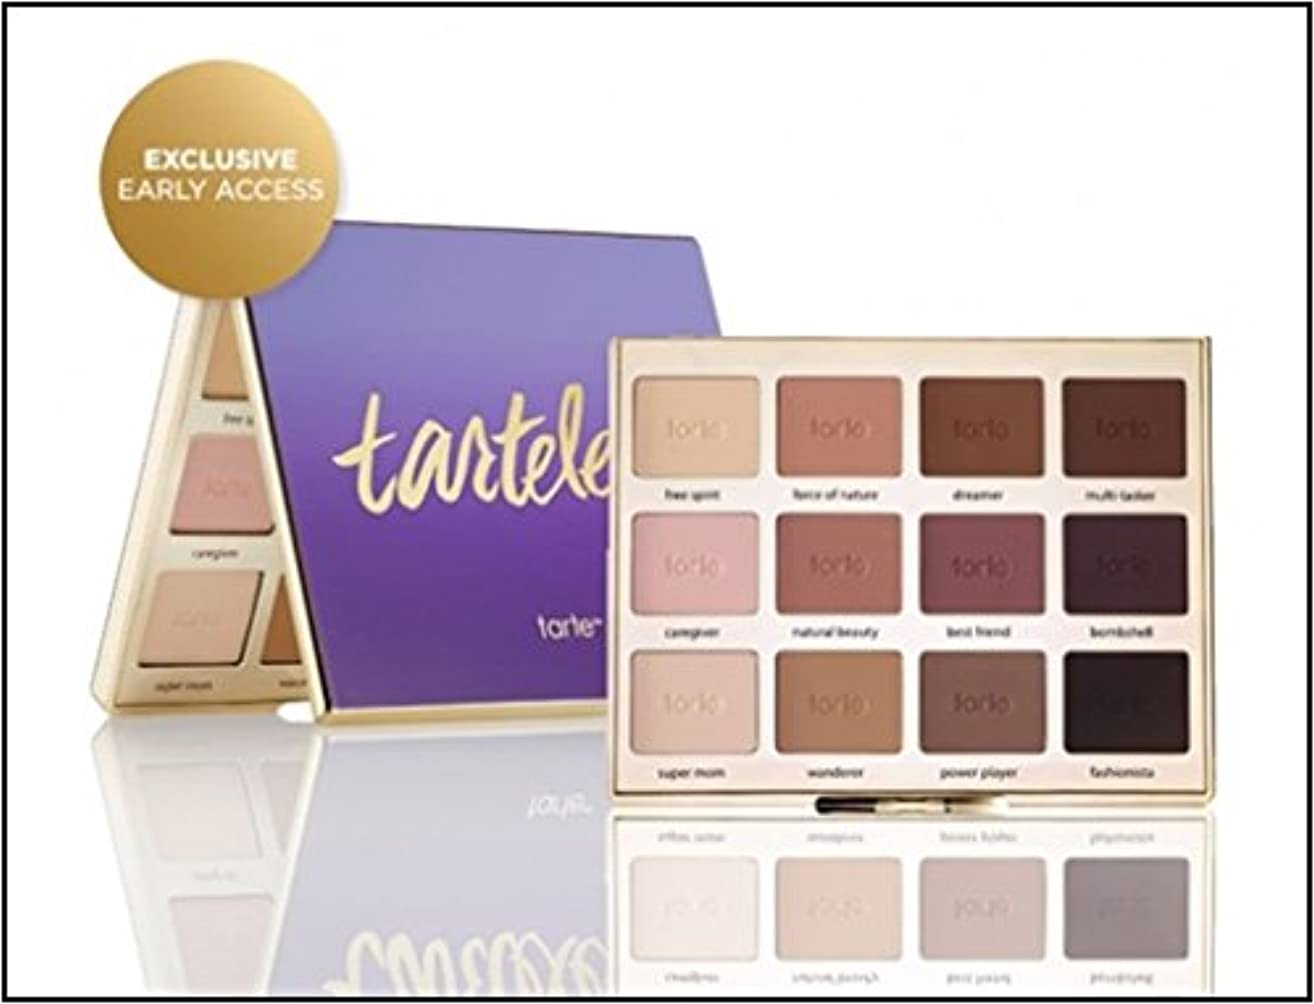 強度バレーボール六分儀Tarte Tartelettonian Clay Matte Eyeshadow Palette (Limited Edition) タルト マットアイシャドーパレット [並行輸入品]e Amaz